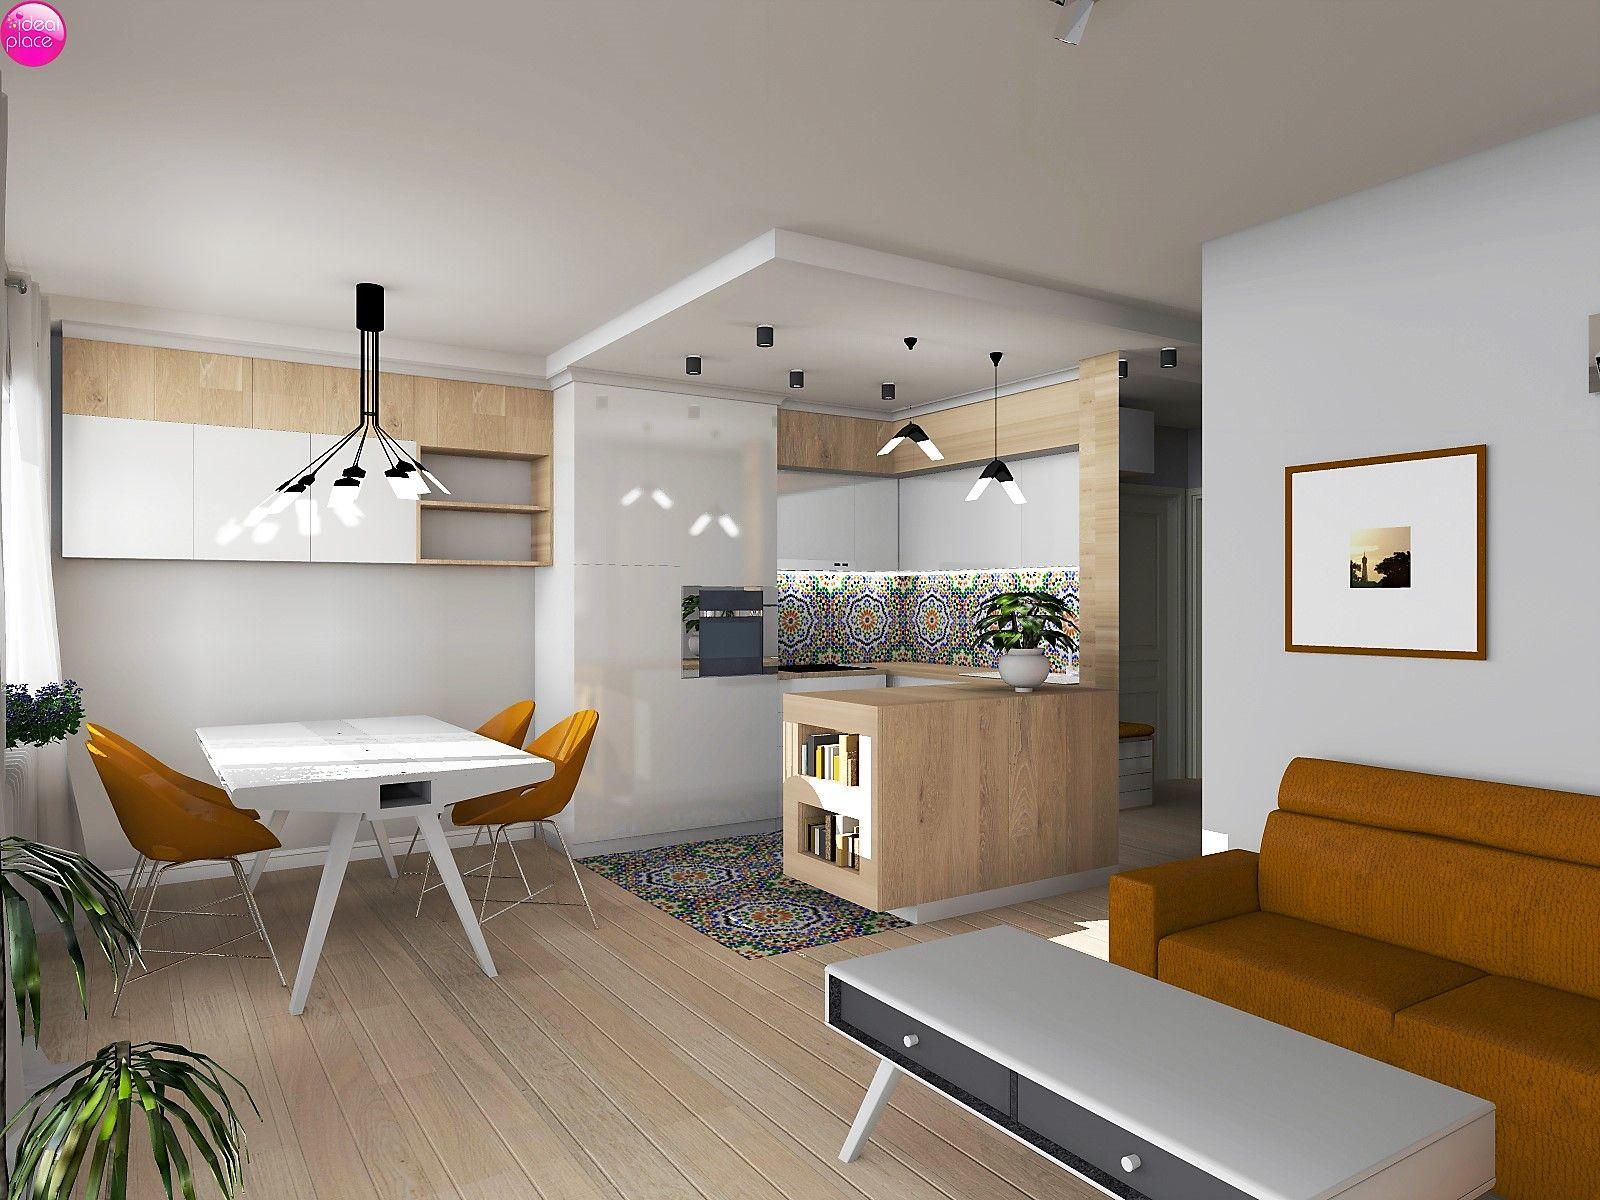 Projekt Mieszkania Chorzów Salon Z Aneksem Kuchennym